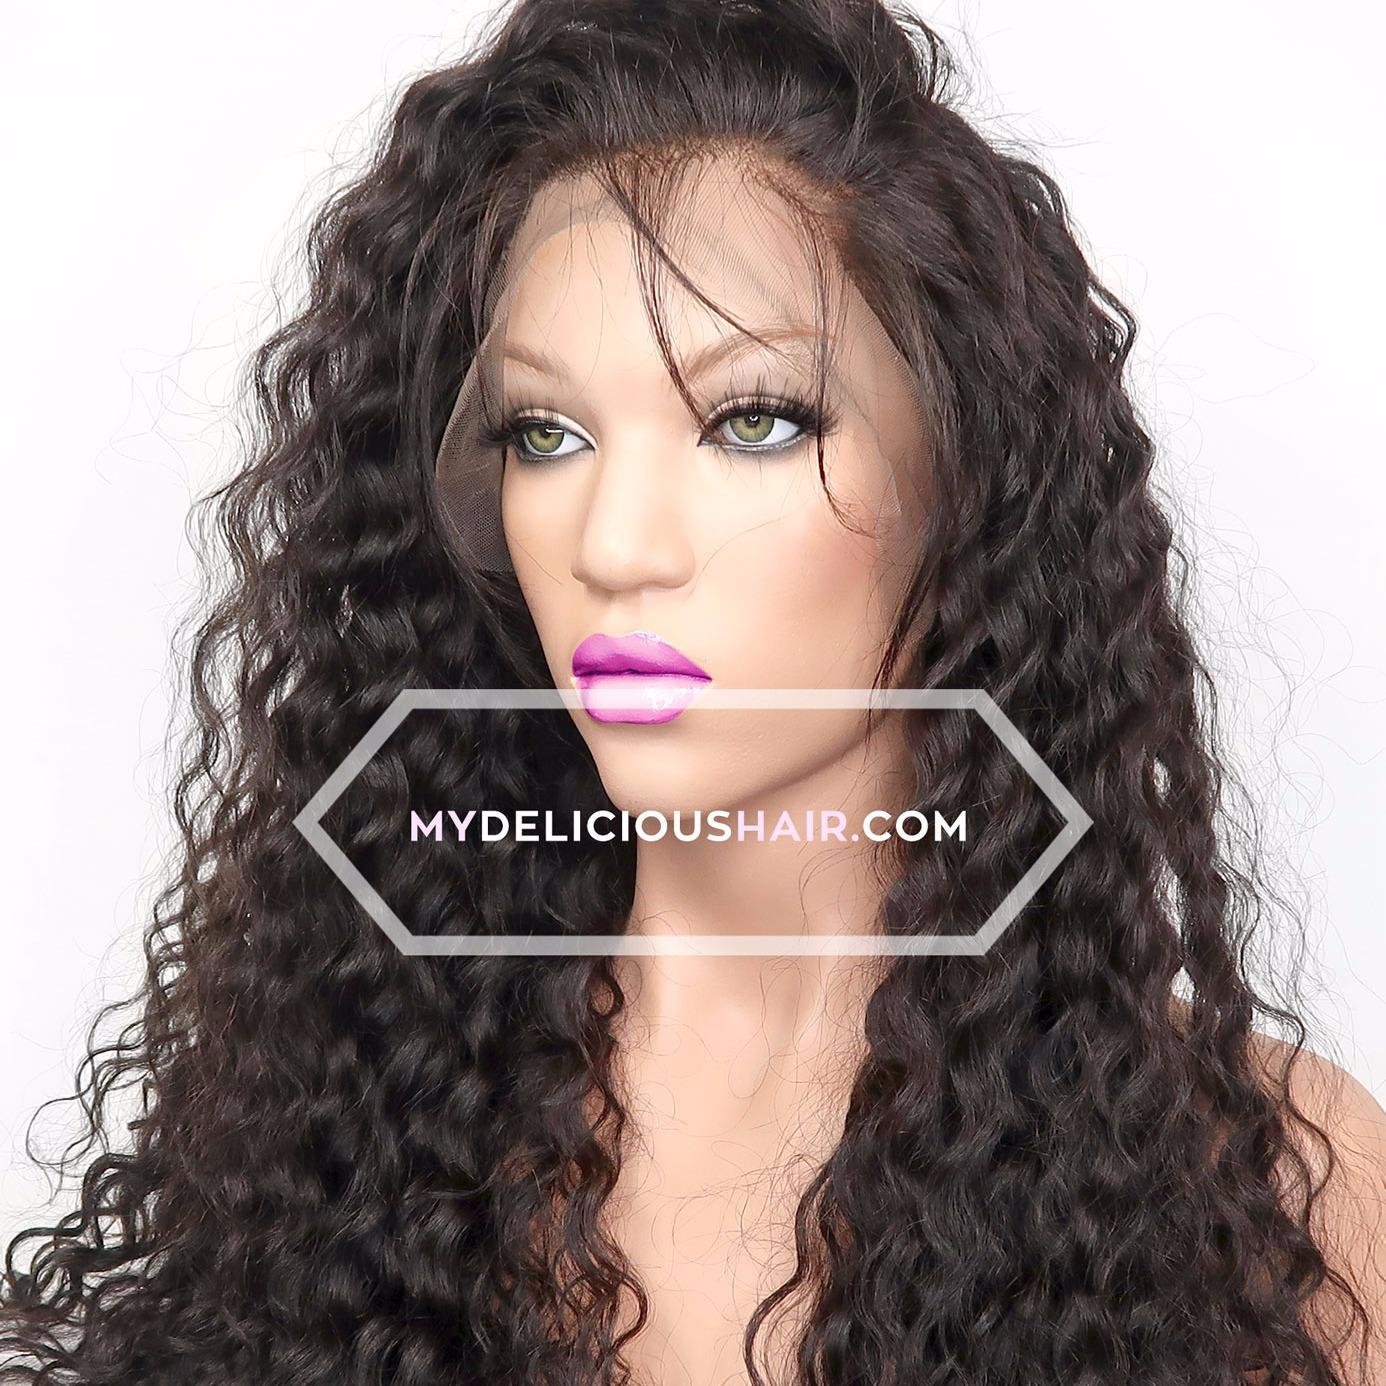 Shop Lace Wigs image 15